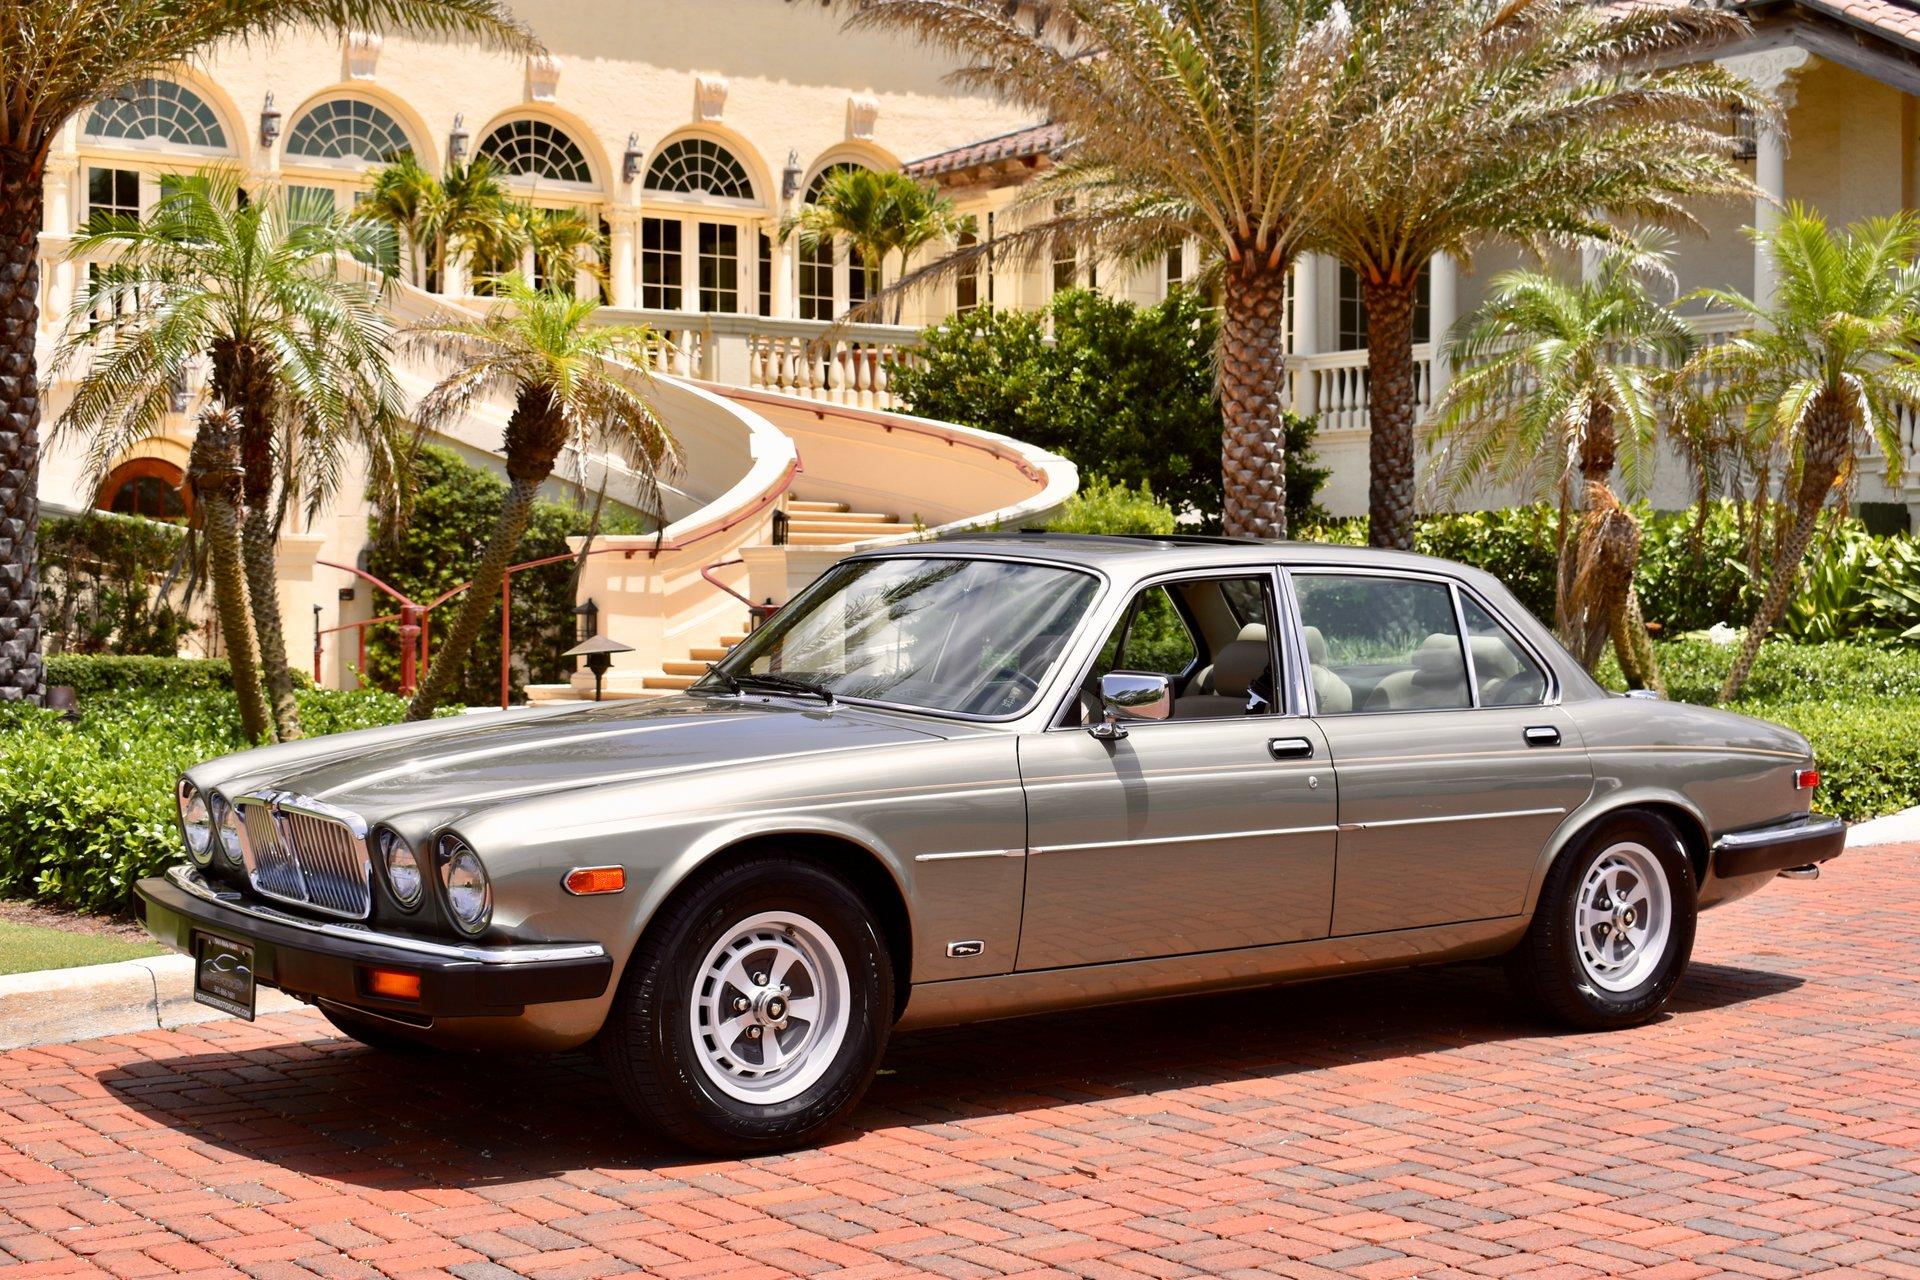 1987 jaguar xj6 vanden plas